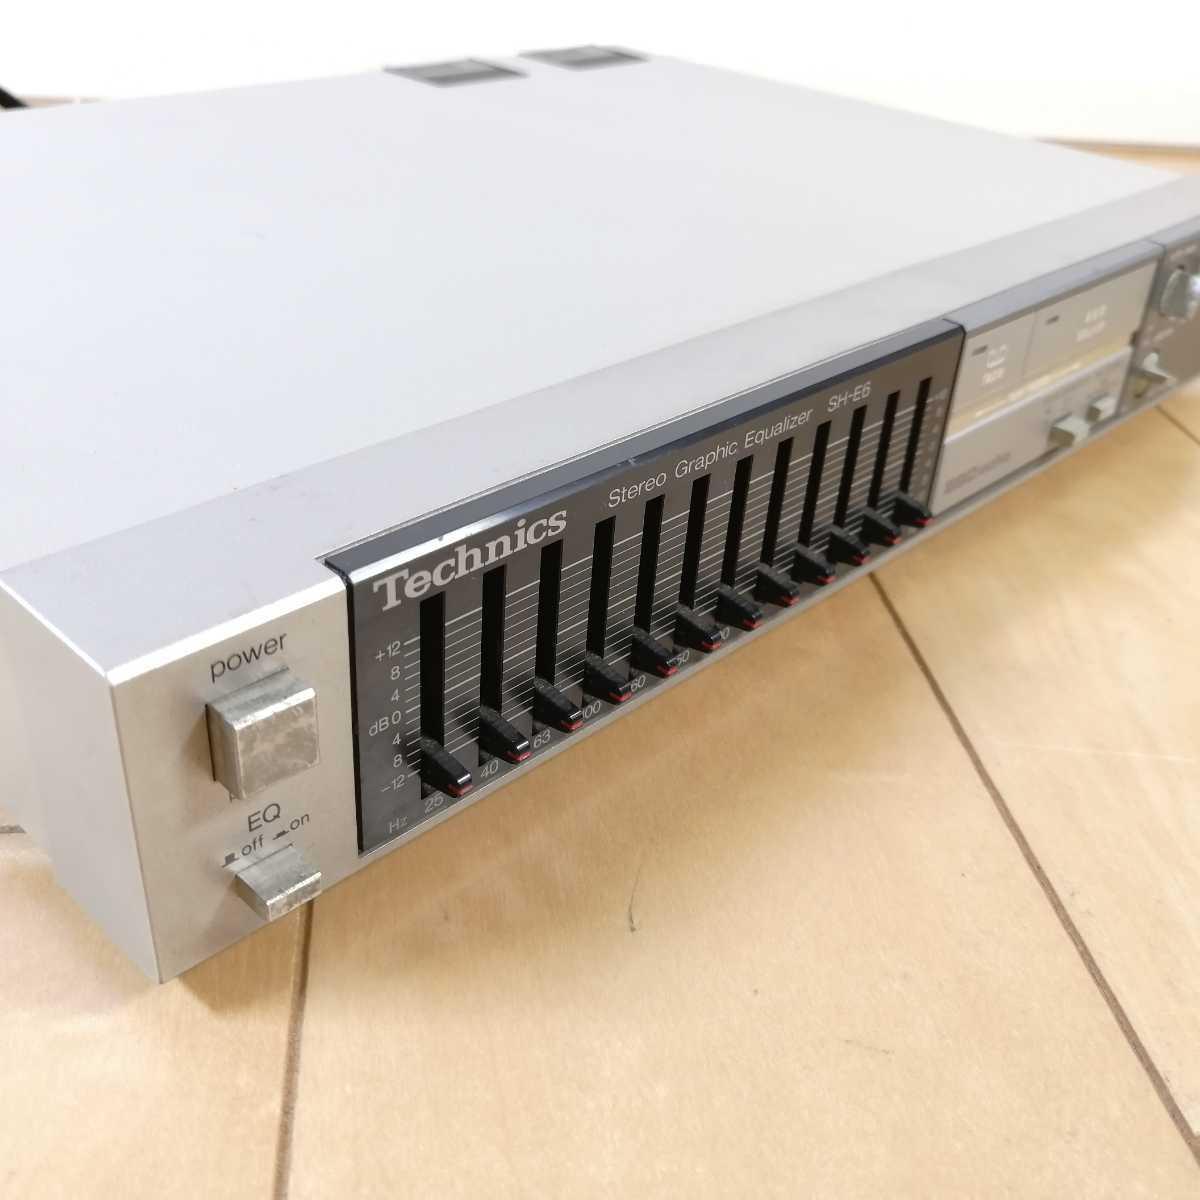 美品!! Technics テクニクス ステレオグラフィックイコライザー SH-E6 通電確認済!!_画像3